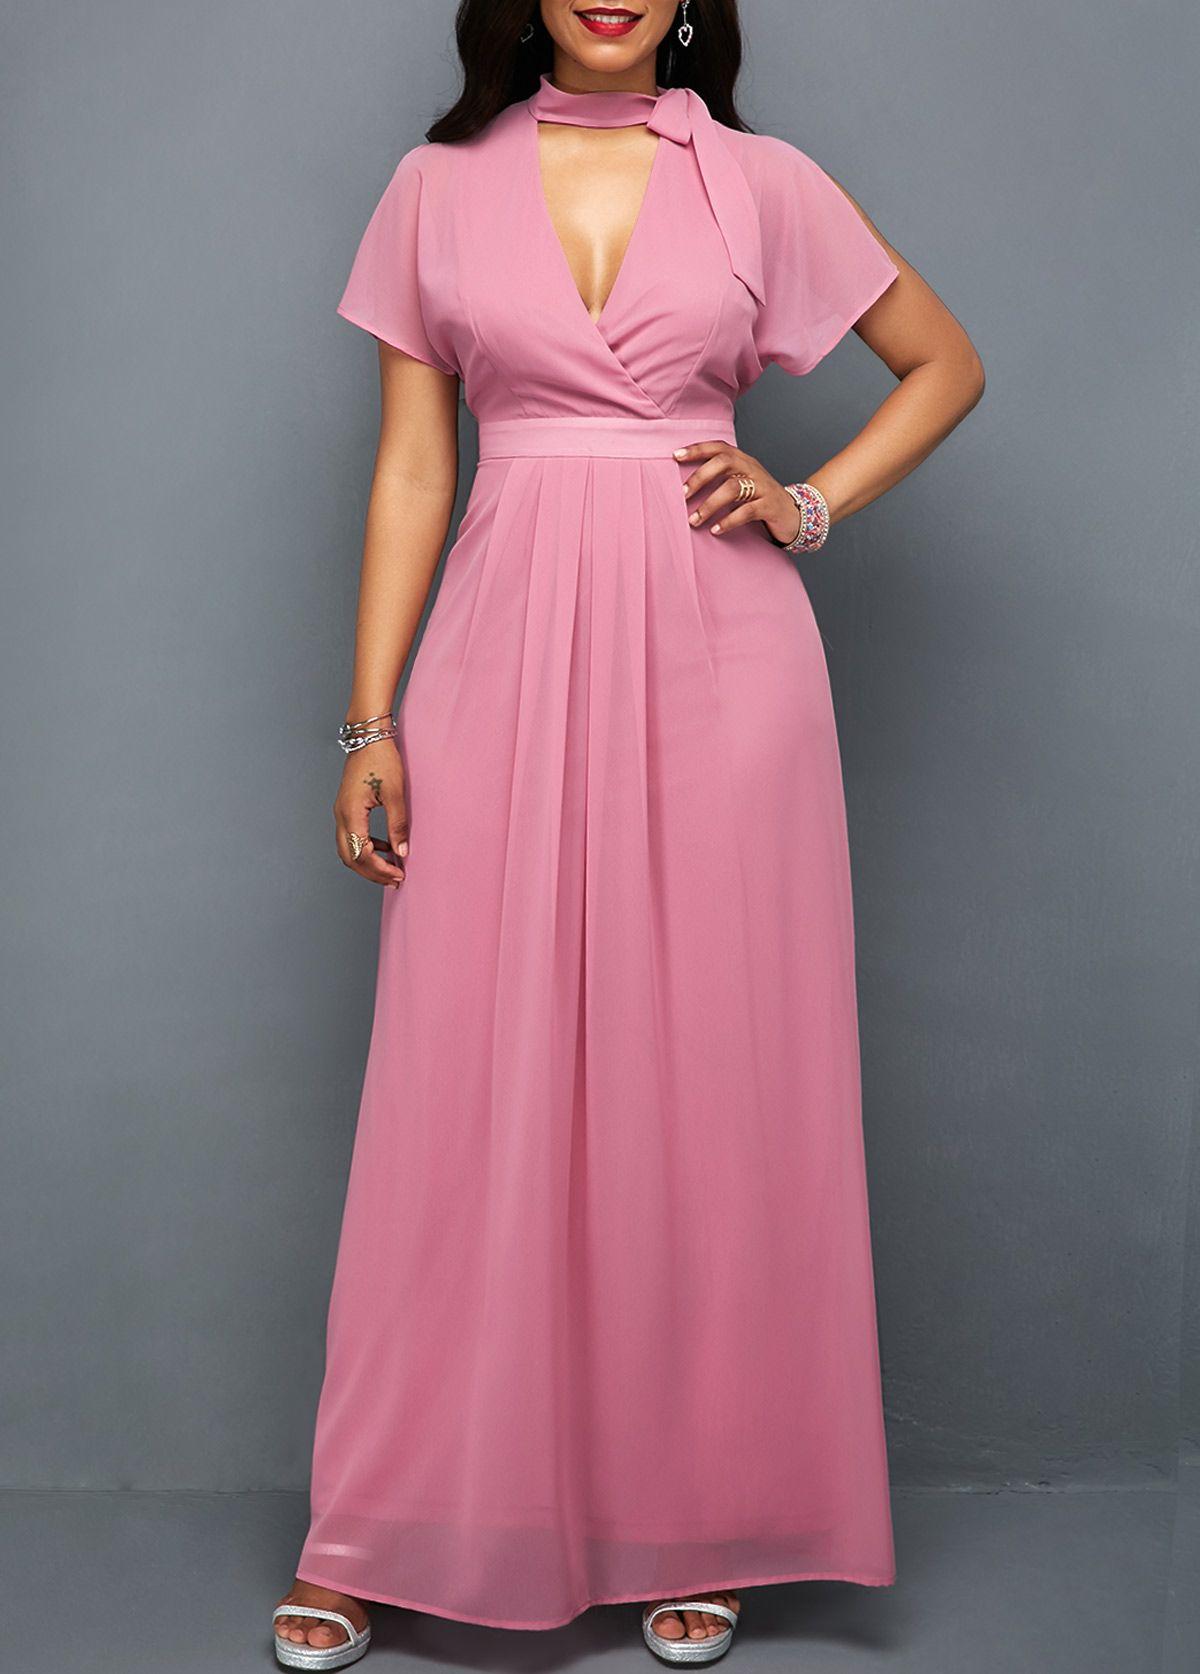 High waist choker neck pink dress usd 33